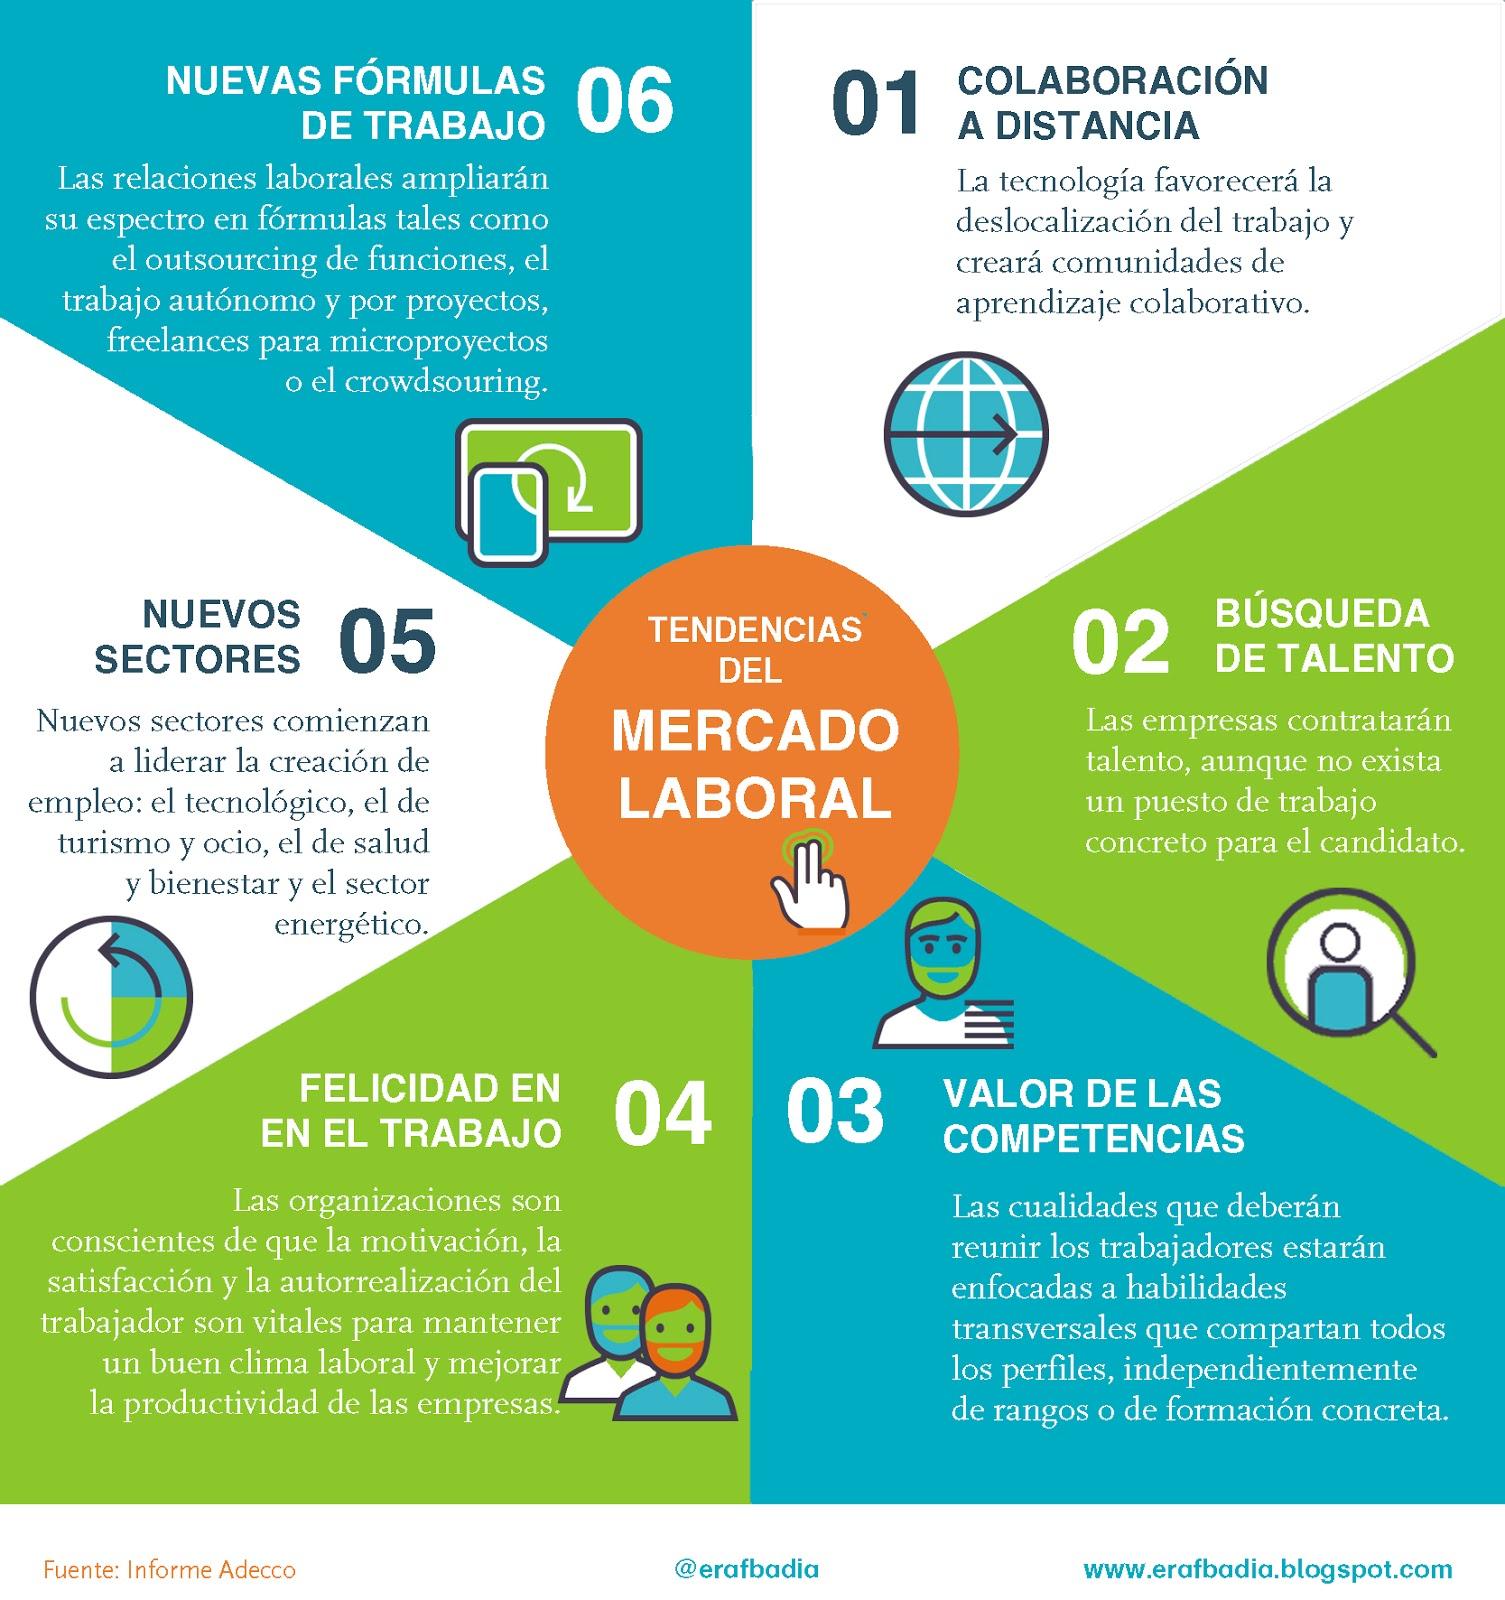 Tendencias del Mercado Laboral #infografia #infographic #empleo #rrhh